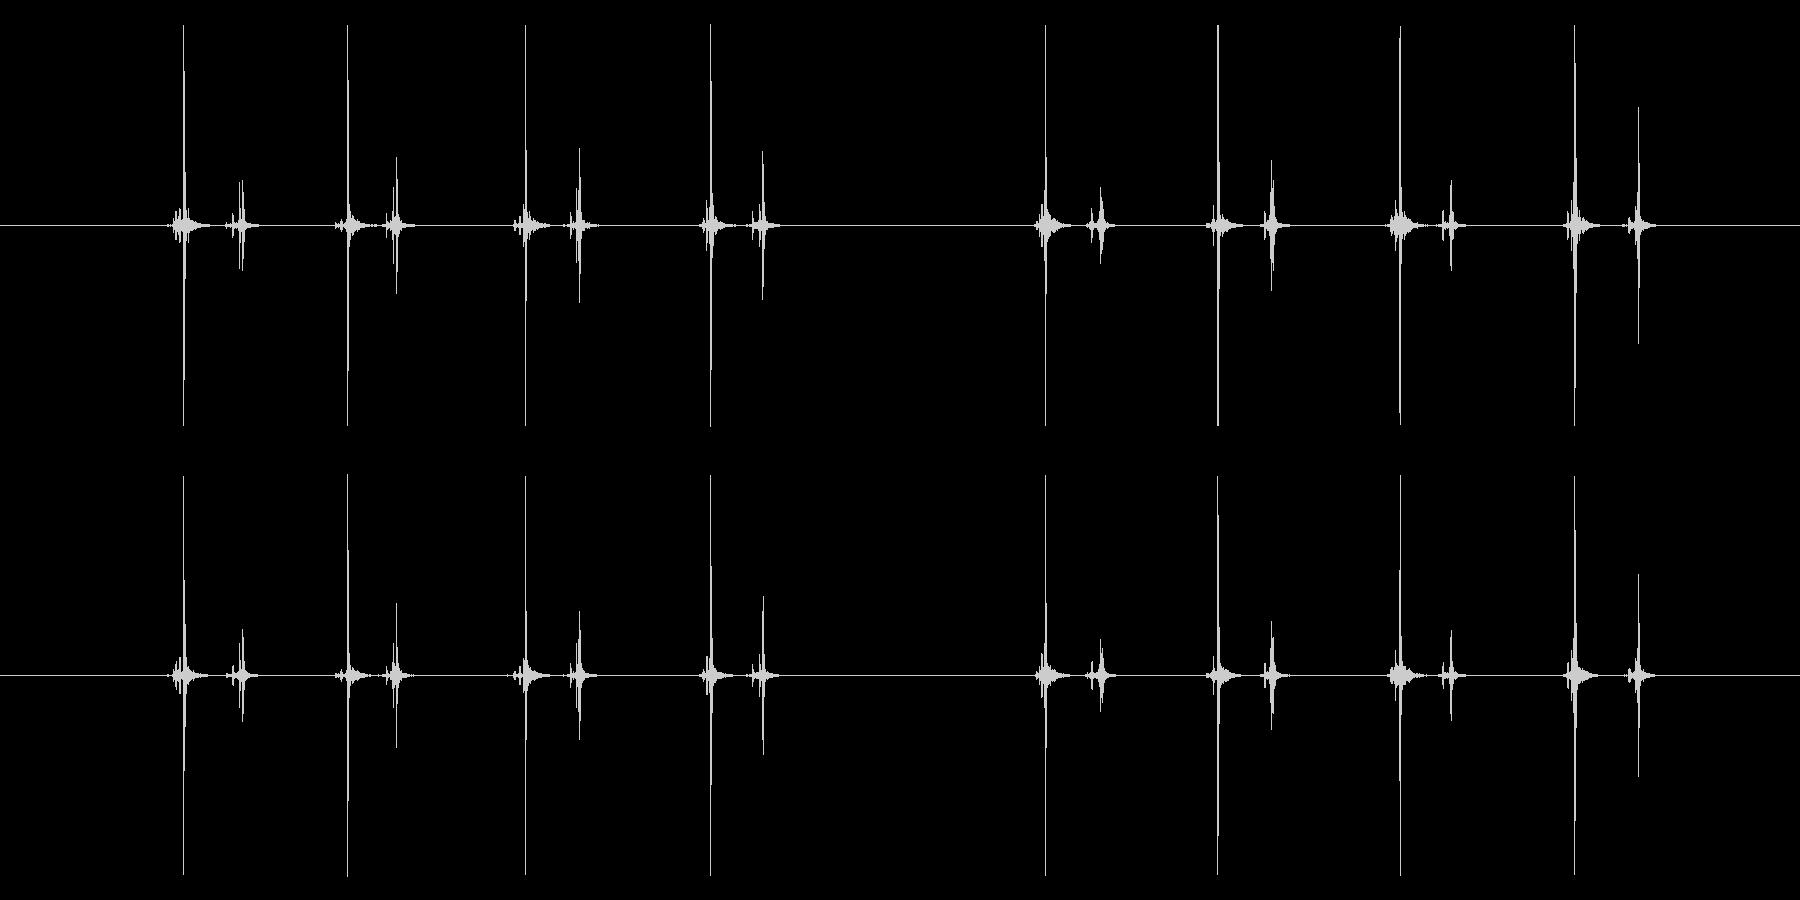 【録音】数取器(カウンター)のカウント音の未再生の波形